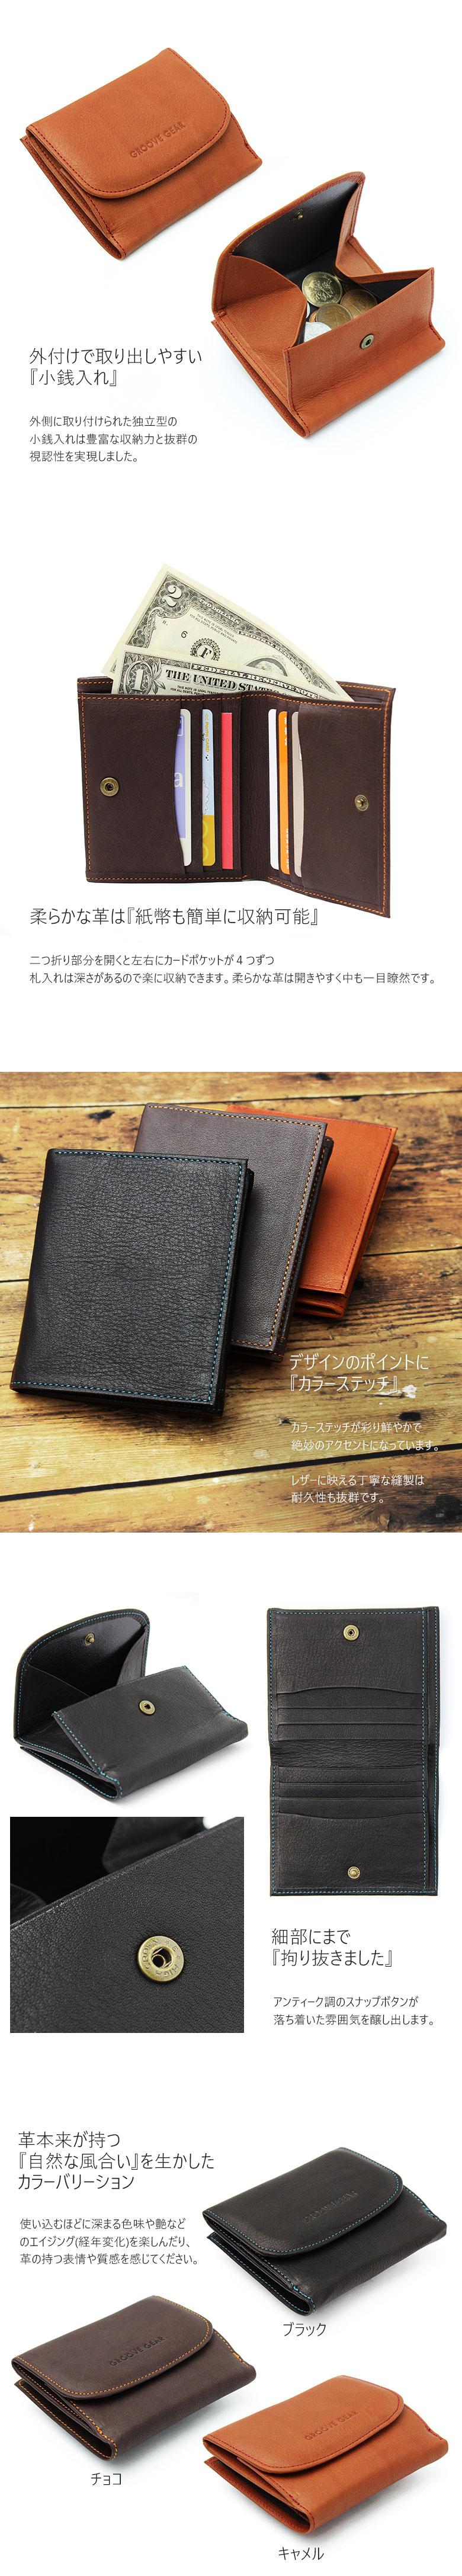 財布 通販 ボックス型コインケース